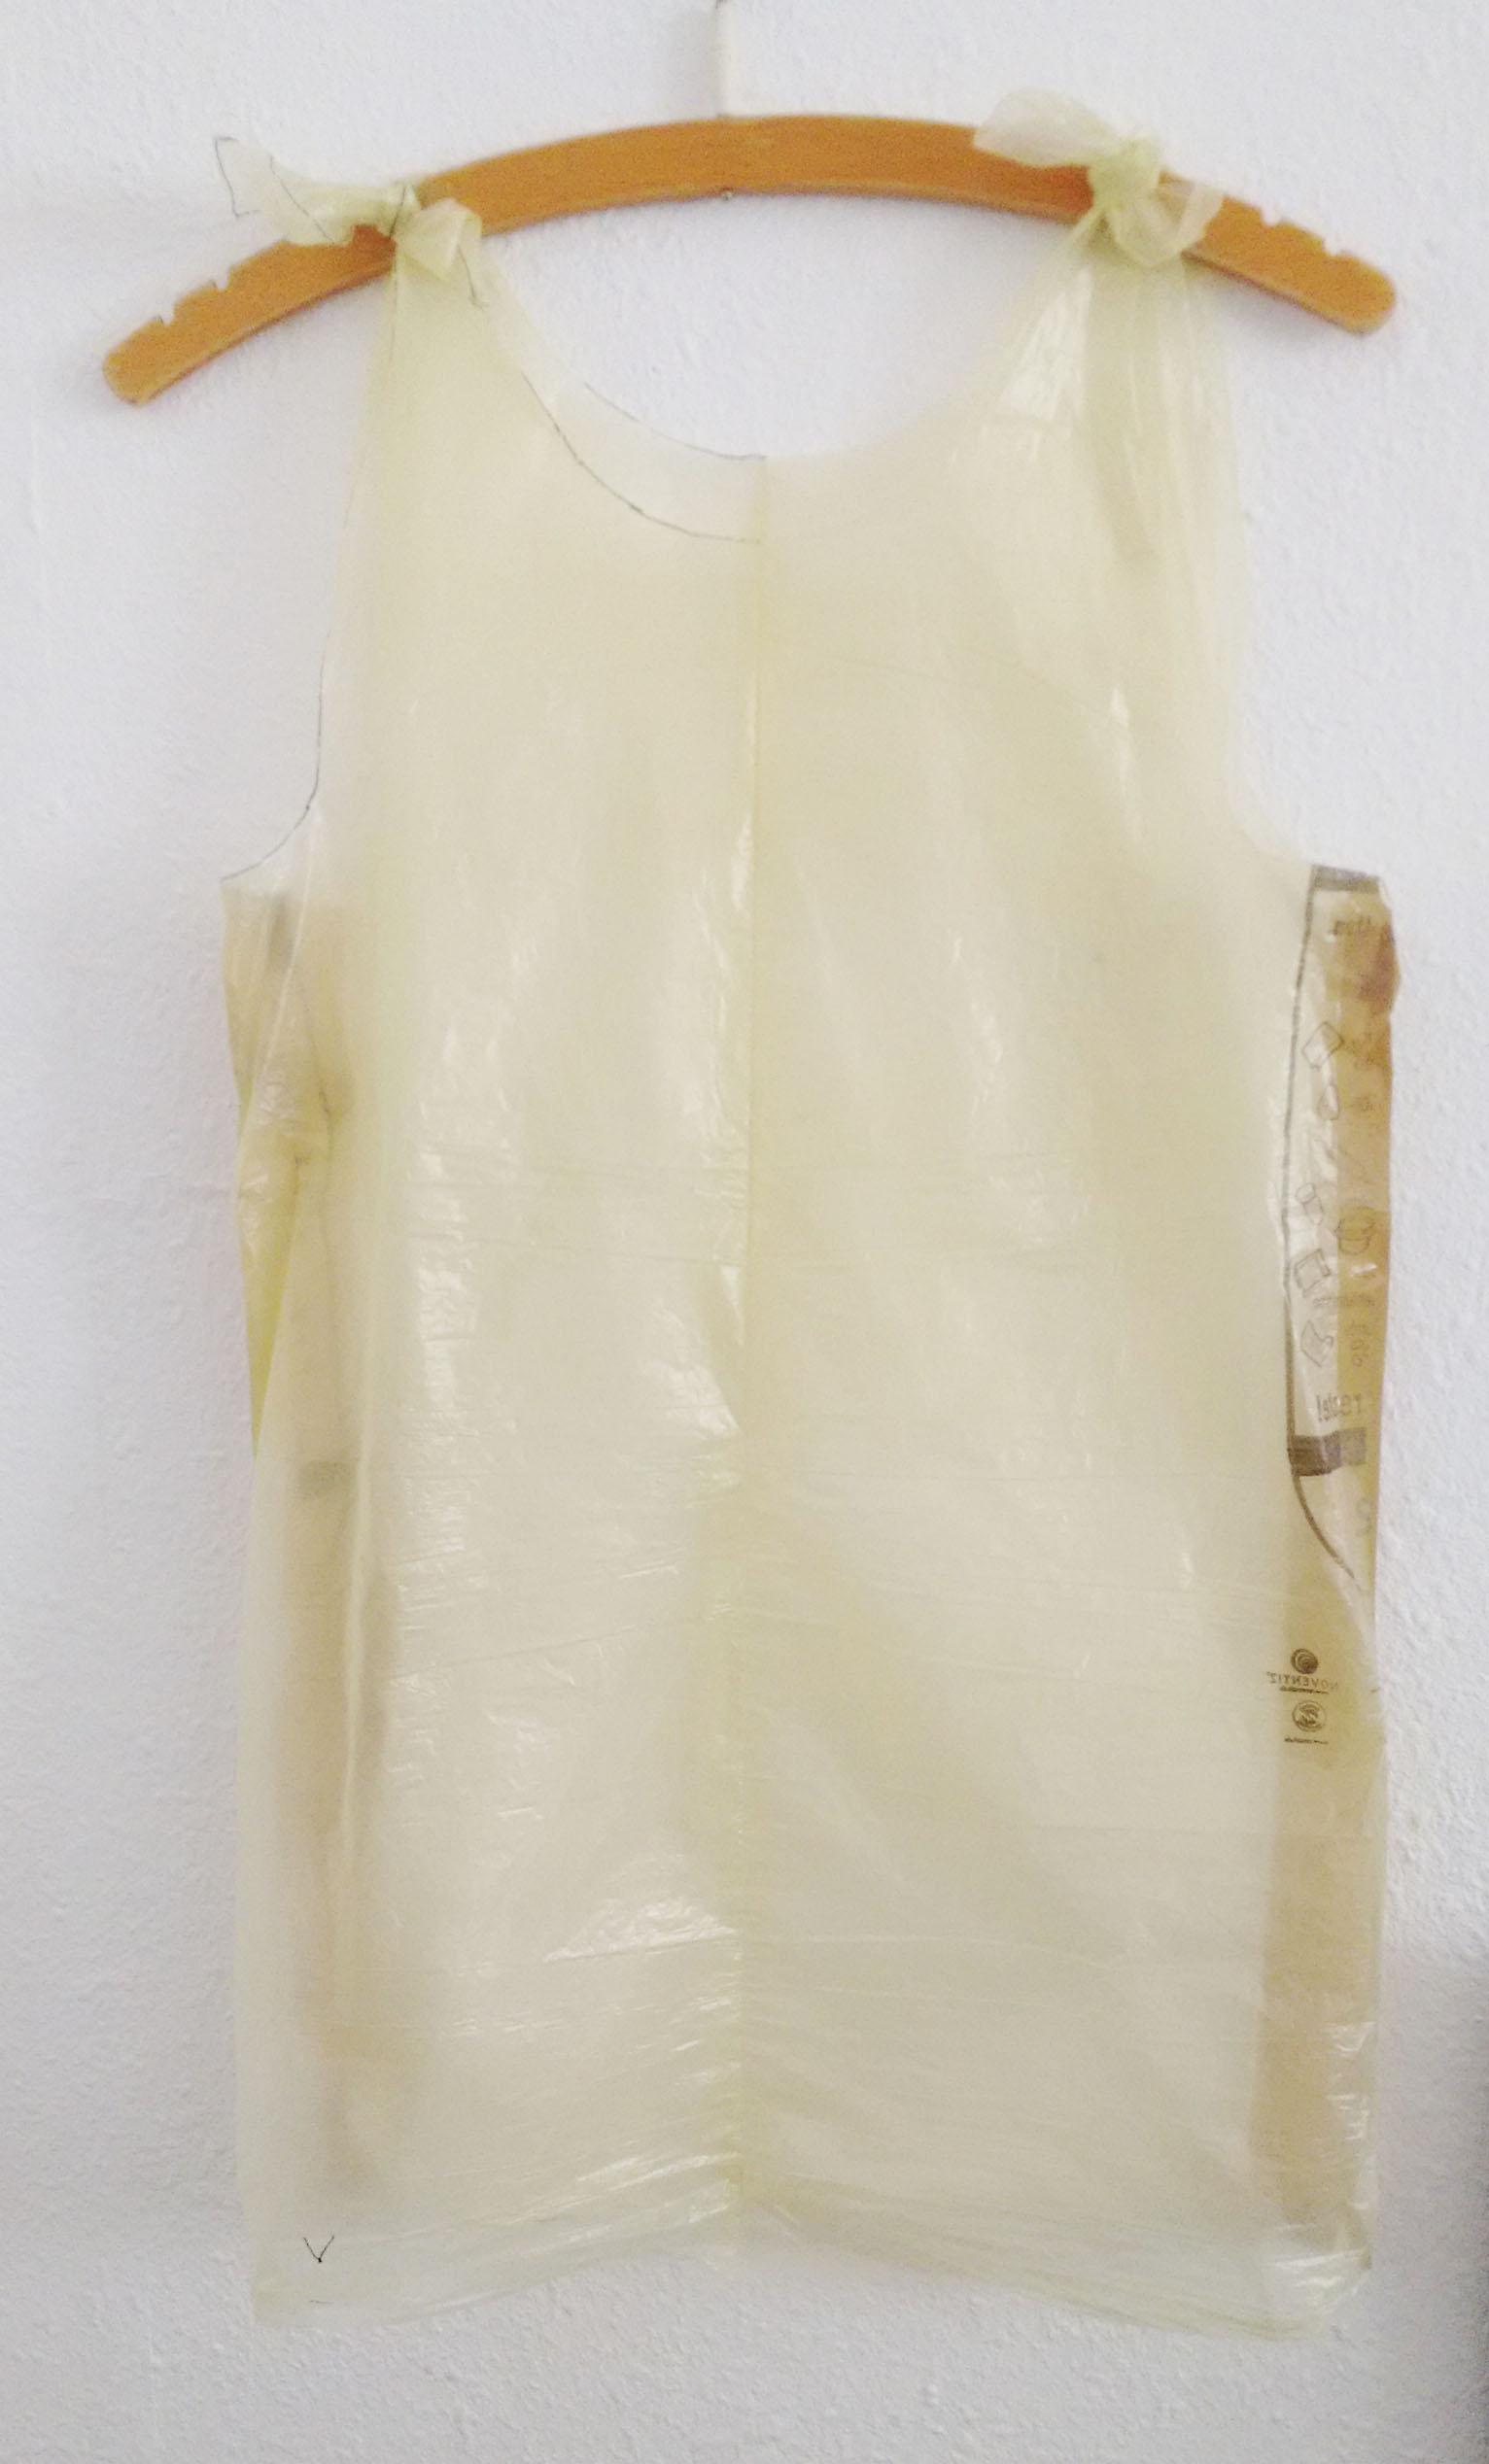 Probemodell aus gelben Säcken - ein Top mit Trägern zum Binden